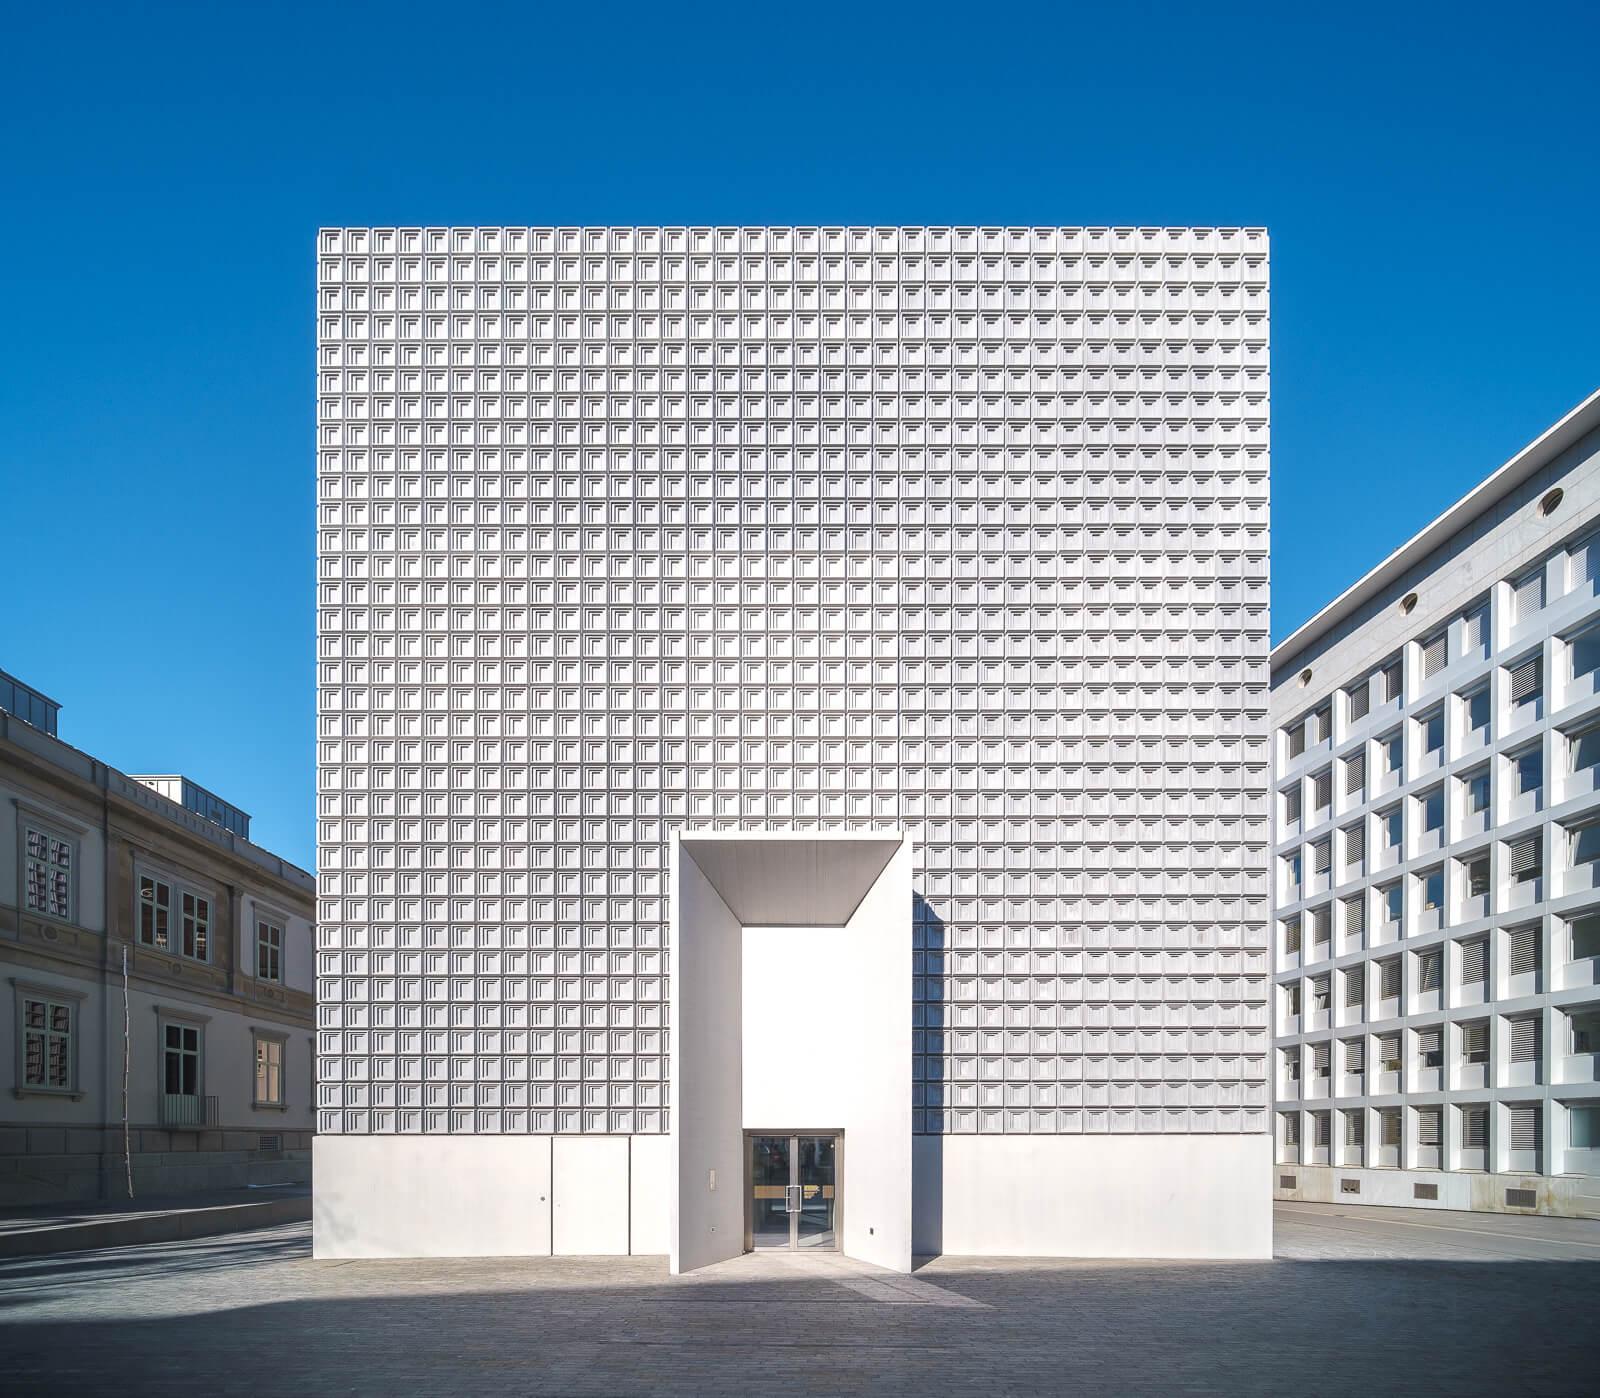 Bündner Kunstmuseum in Chur